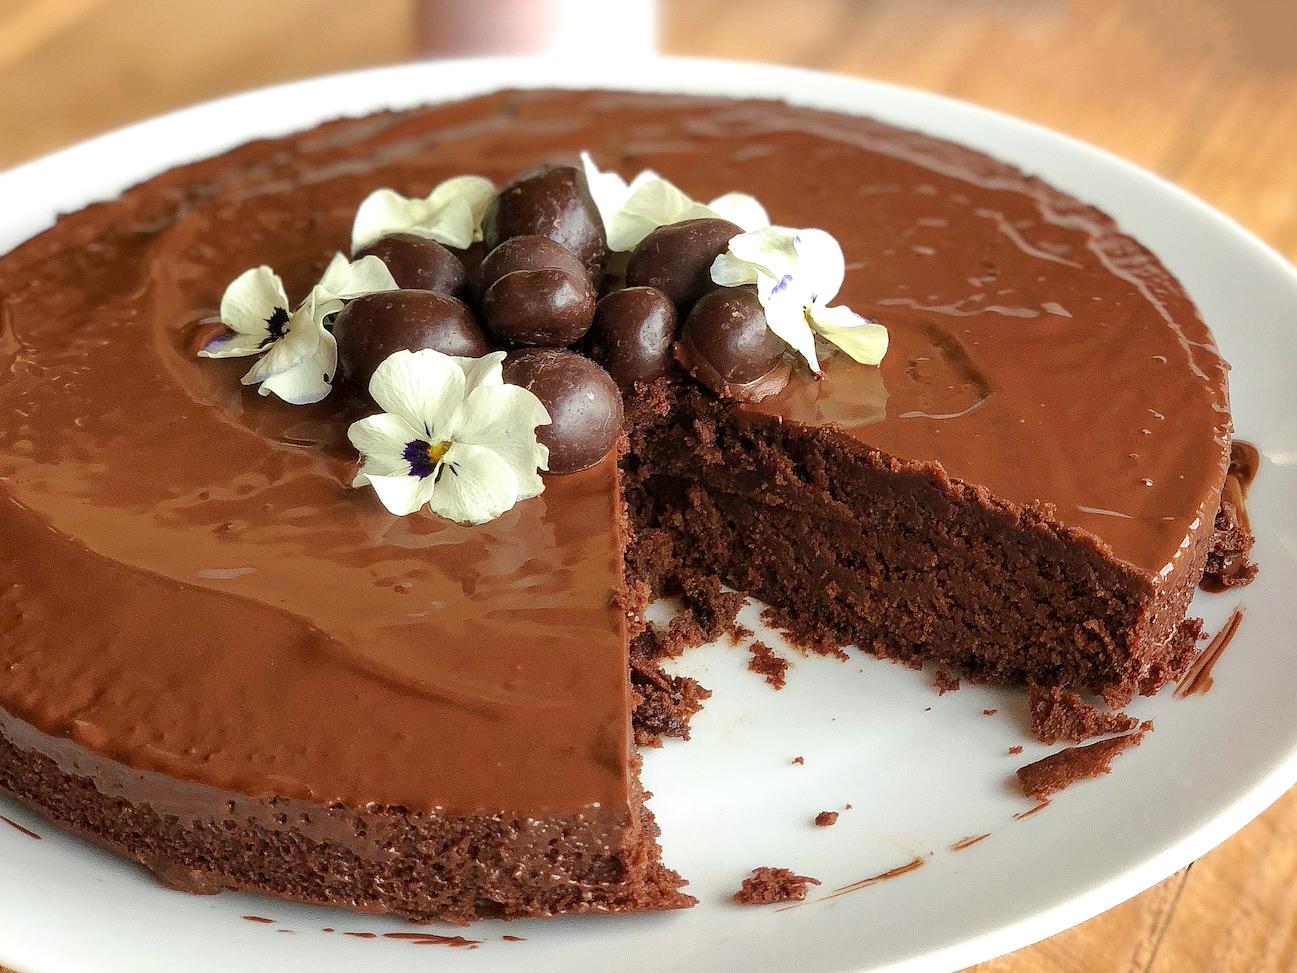 gateau-au-chocolat-sans-gluten-sans-lait-sans-oeuf-dame.bio